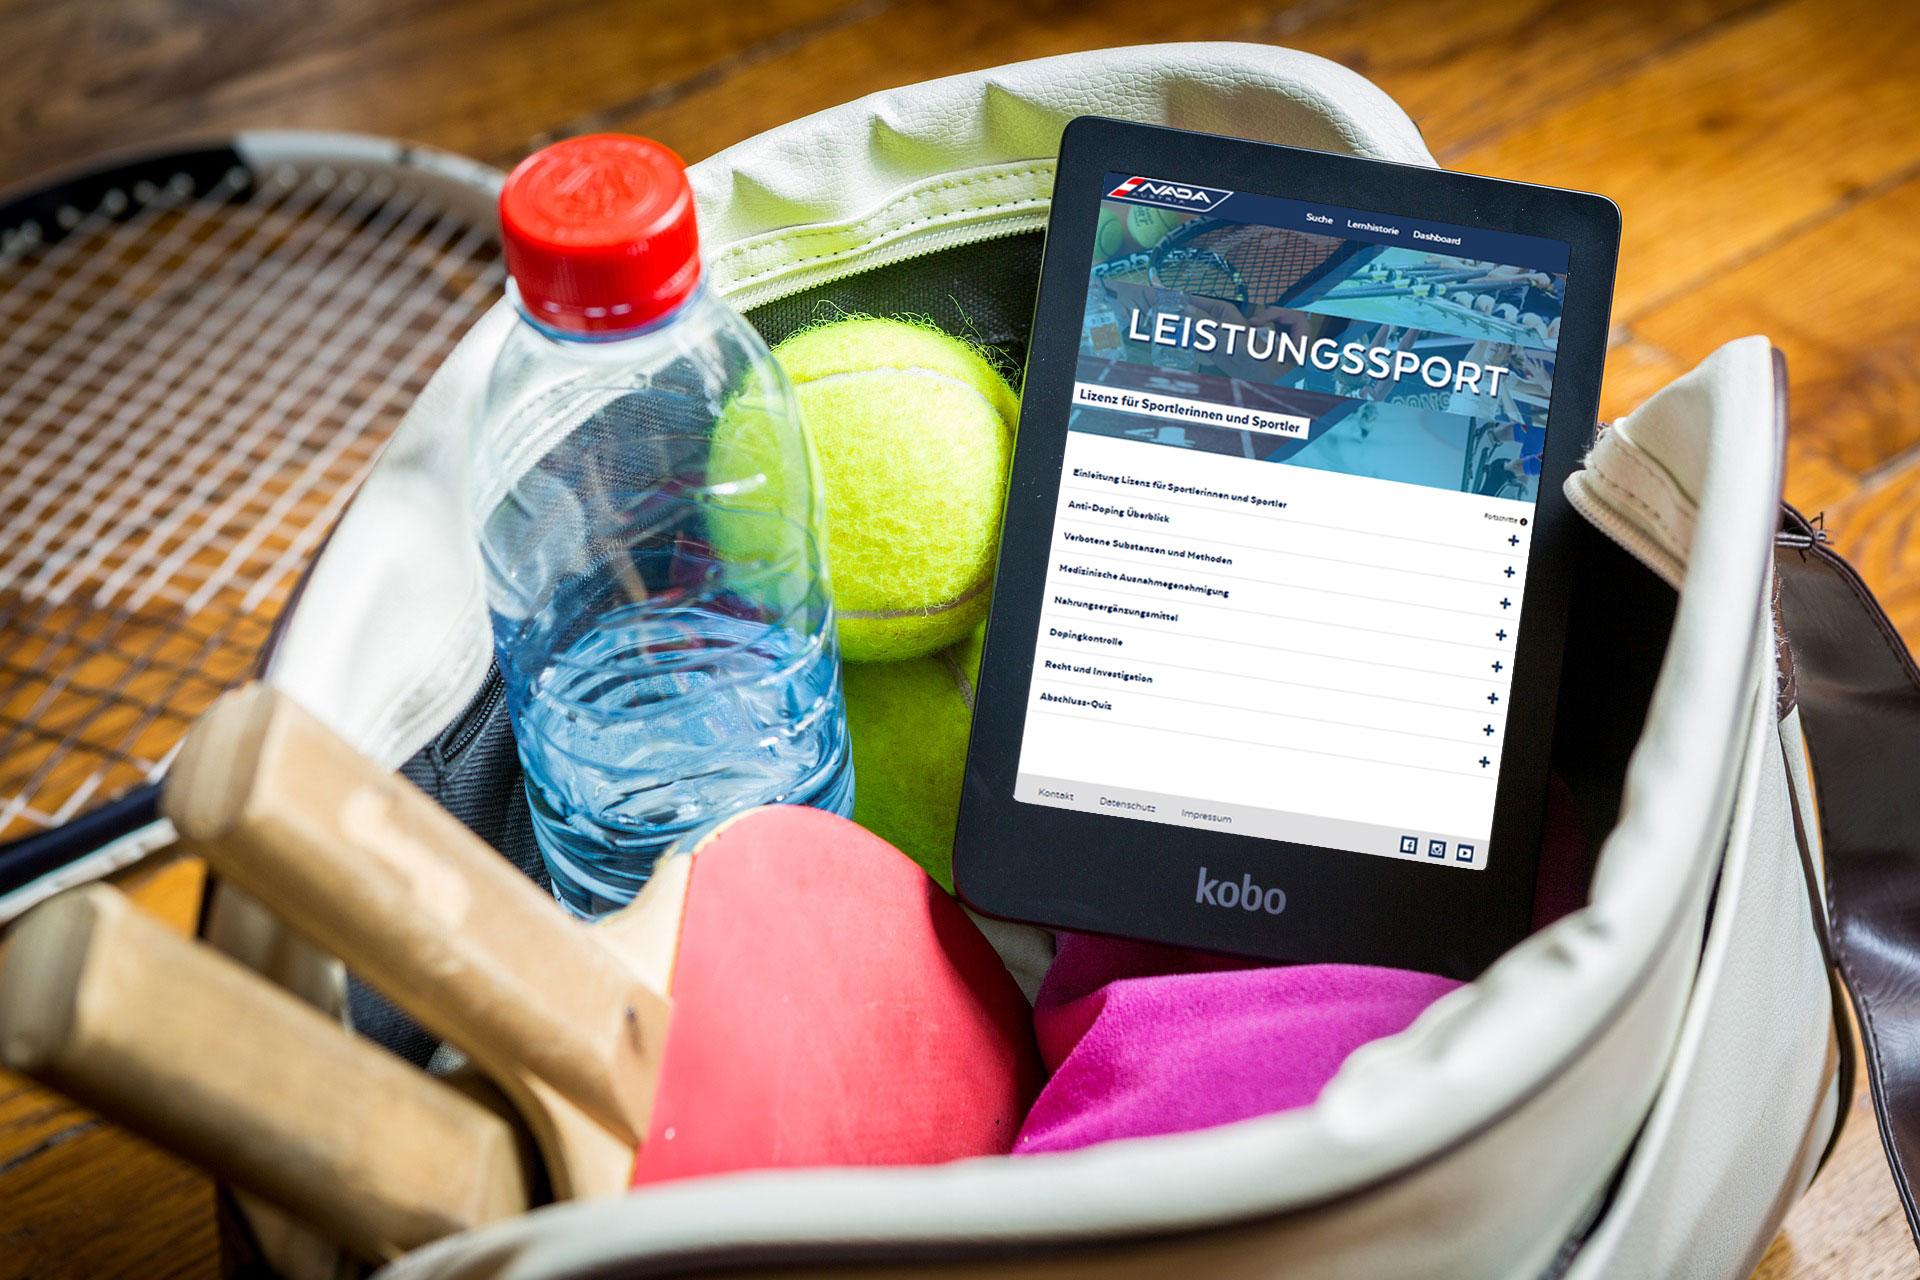 Bild zeigt Beutel mit Sport-Accessoires und Tablet